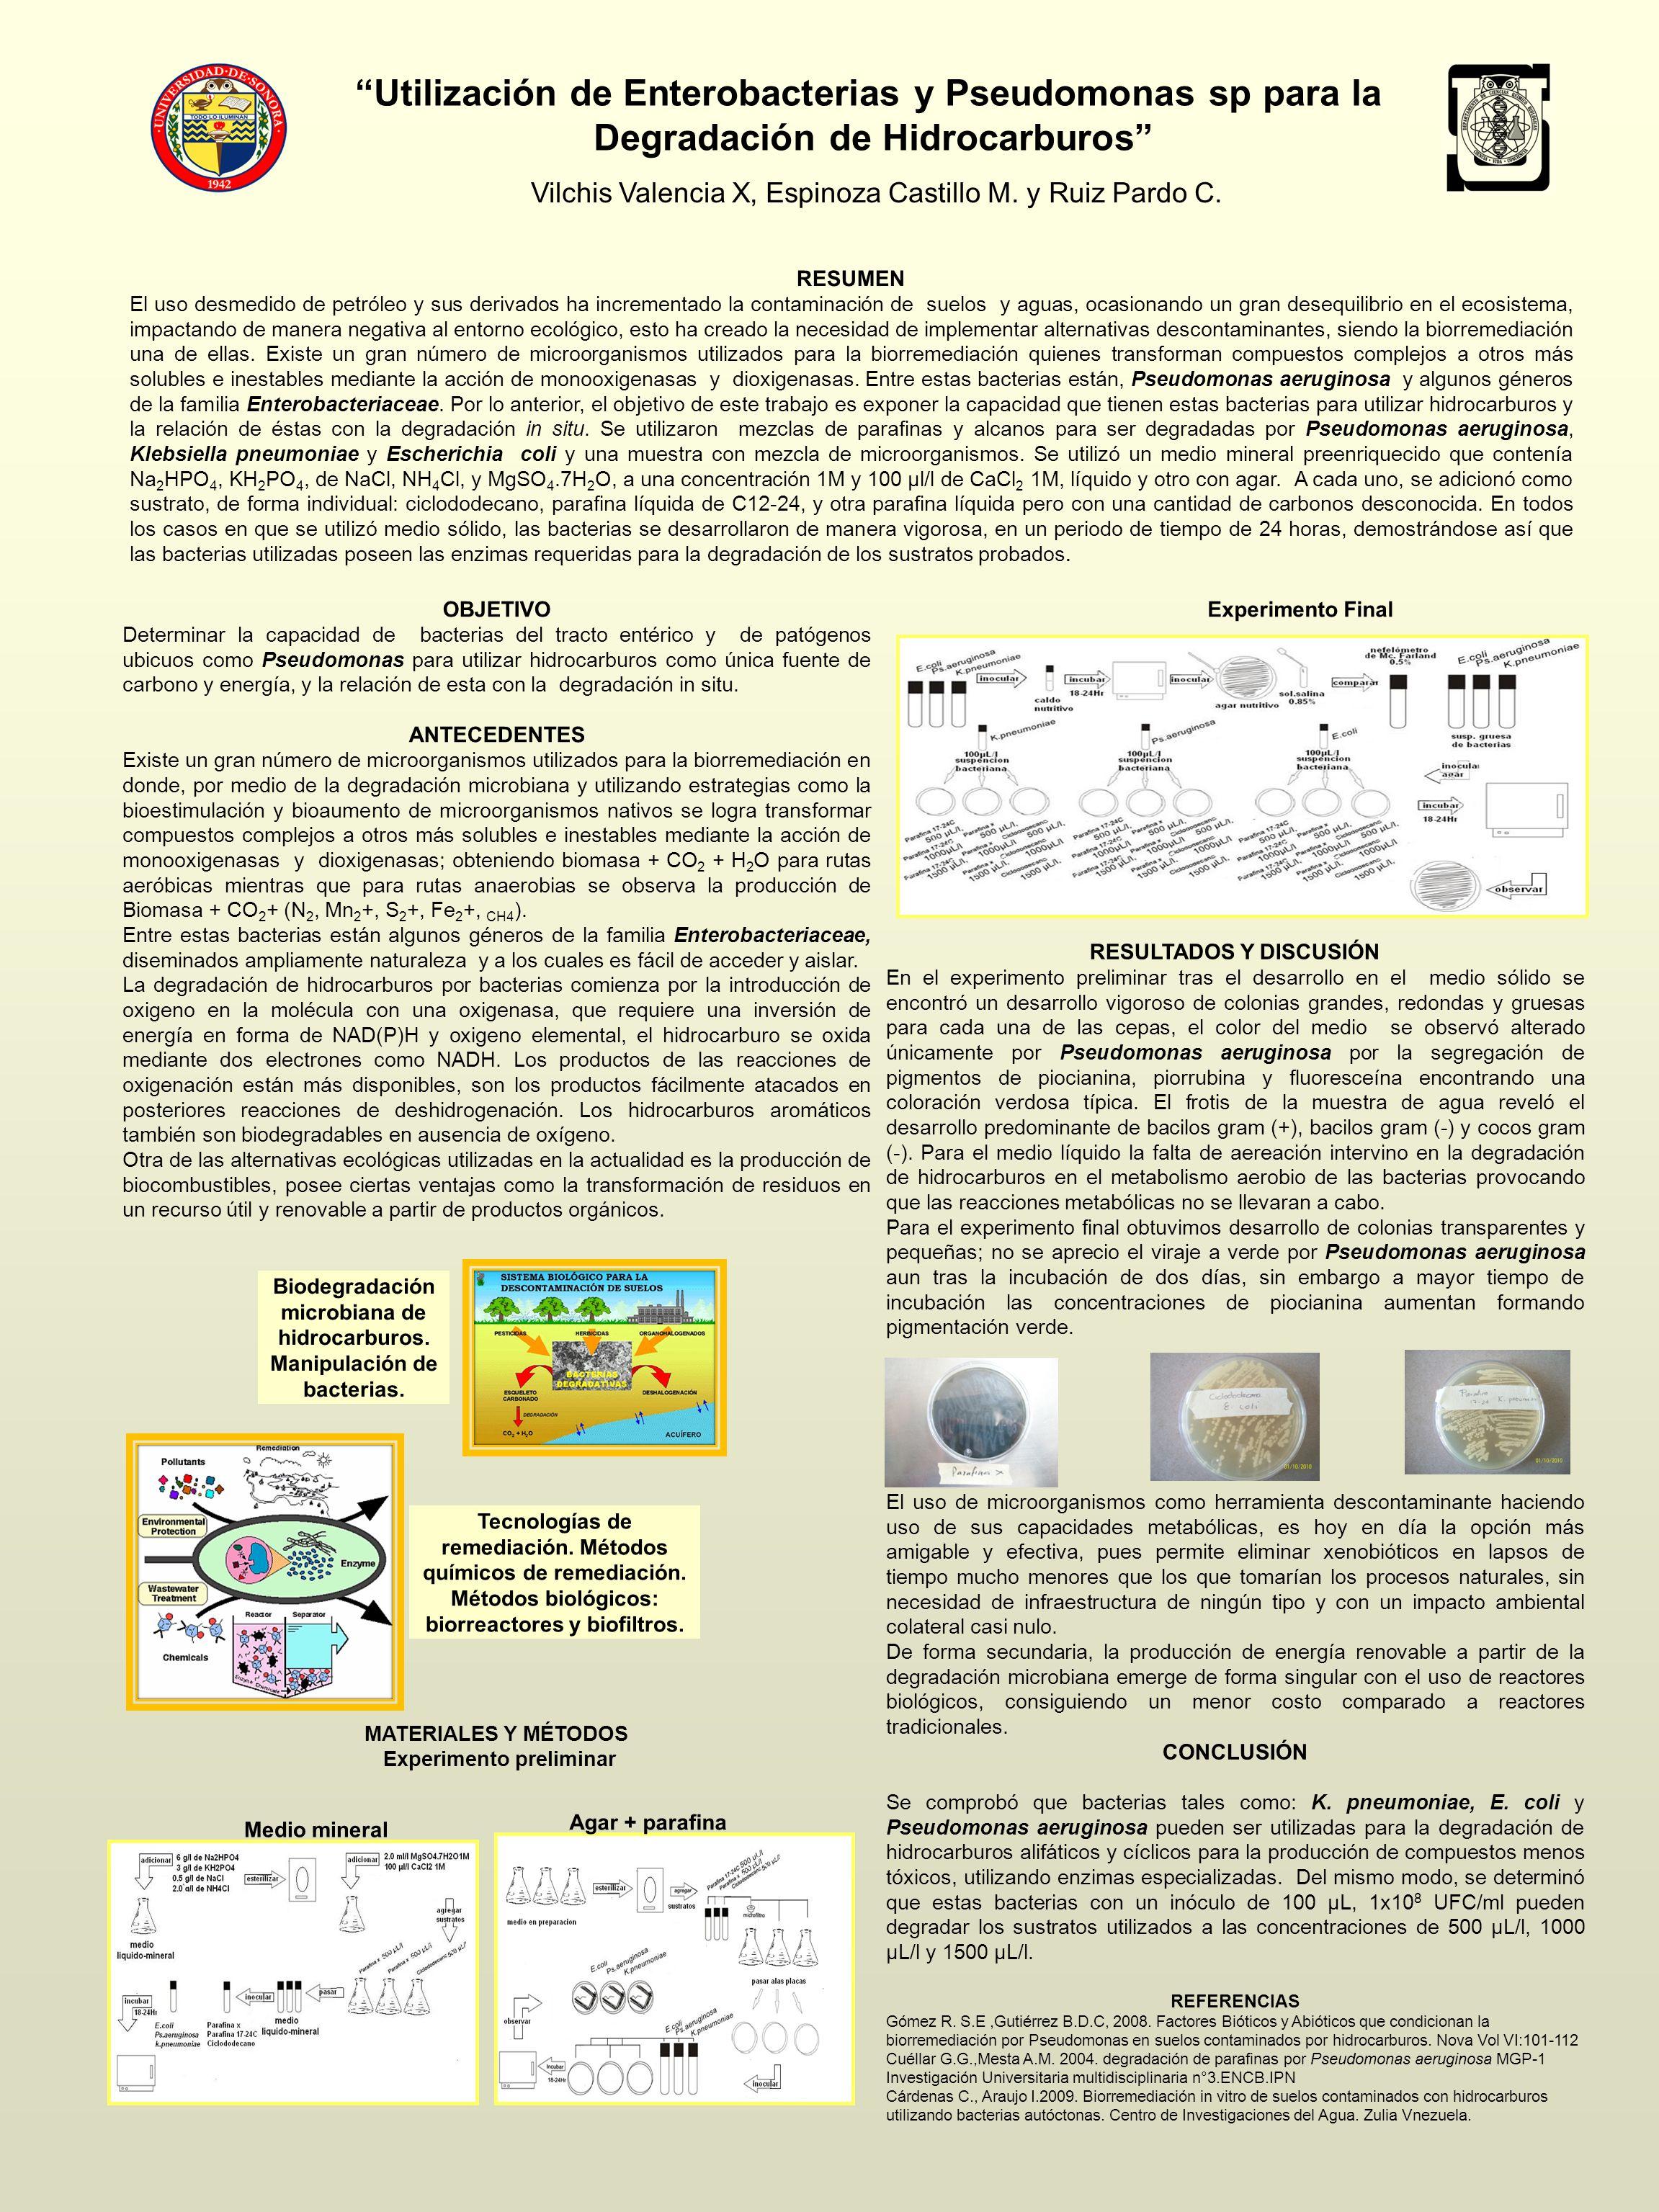 Utilización de Enterobacterias y Pseudomonas sp para la Degradación de Hidrocarburos Vilchis Valencia X, Espinoza Castillo M.